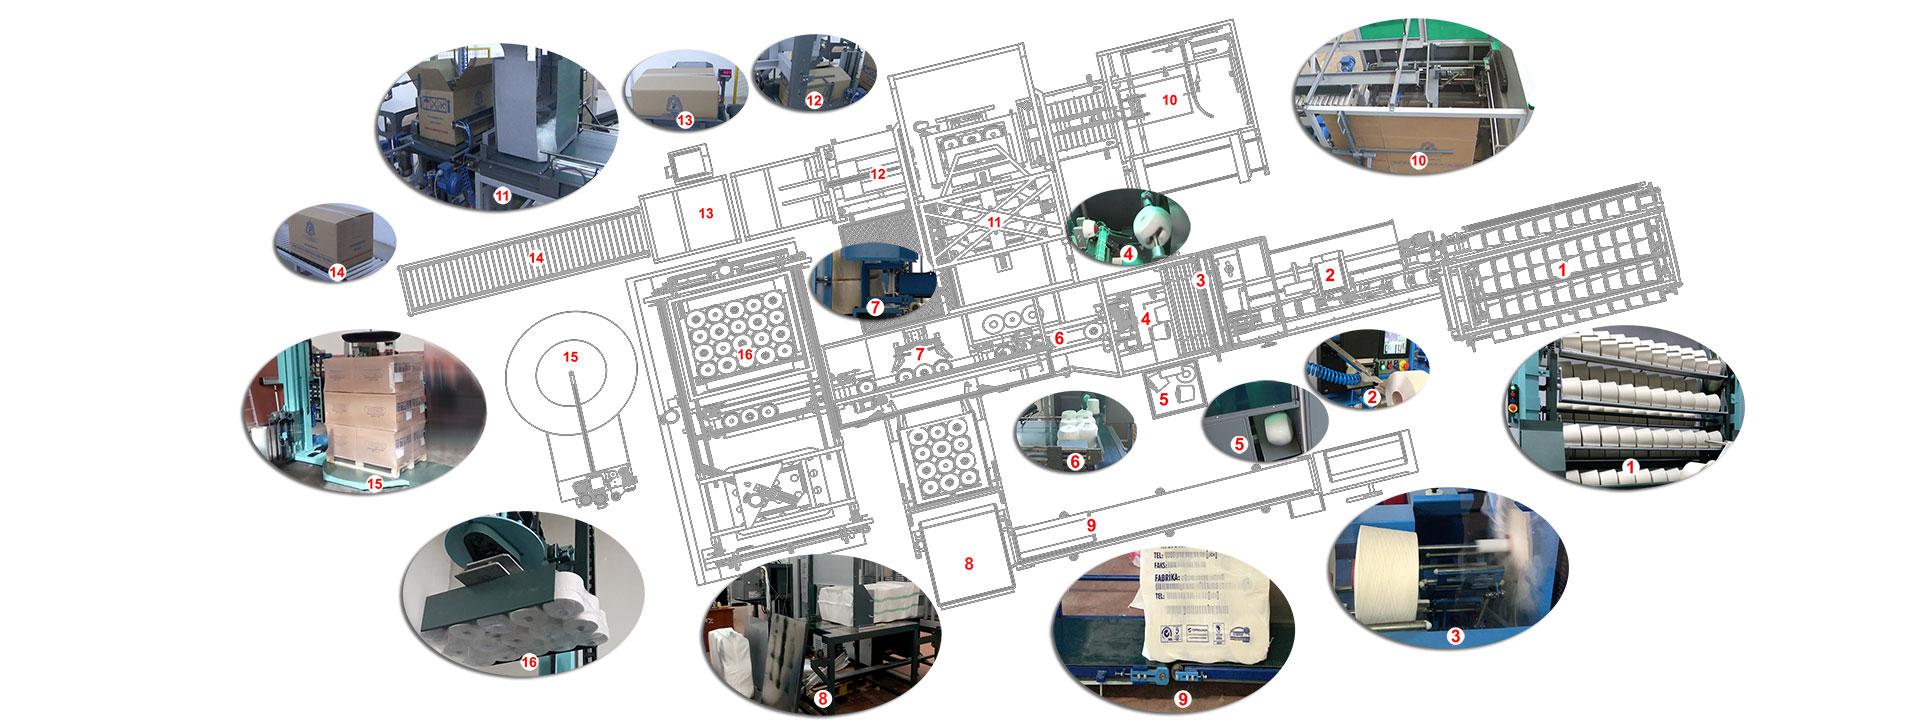 Tam Otomatik İplik Bobin Paketleme Makinesi - Bölümler Fotoğrafı